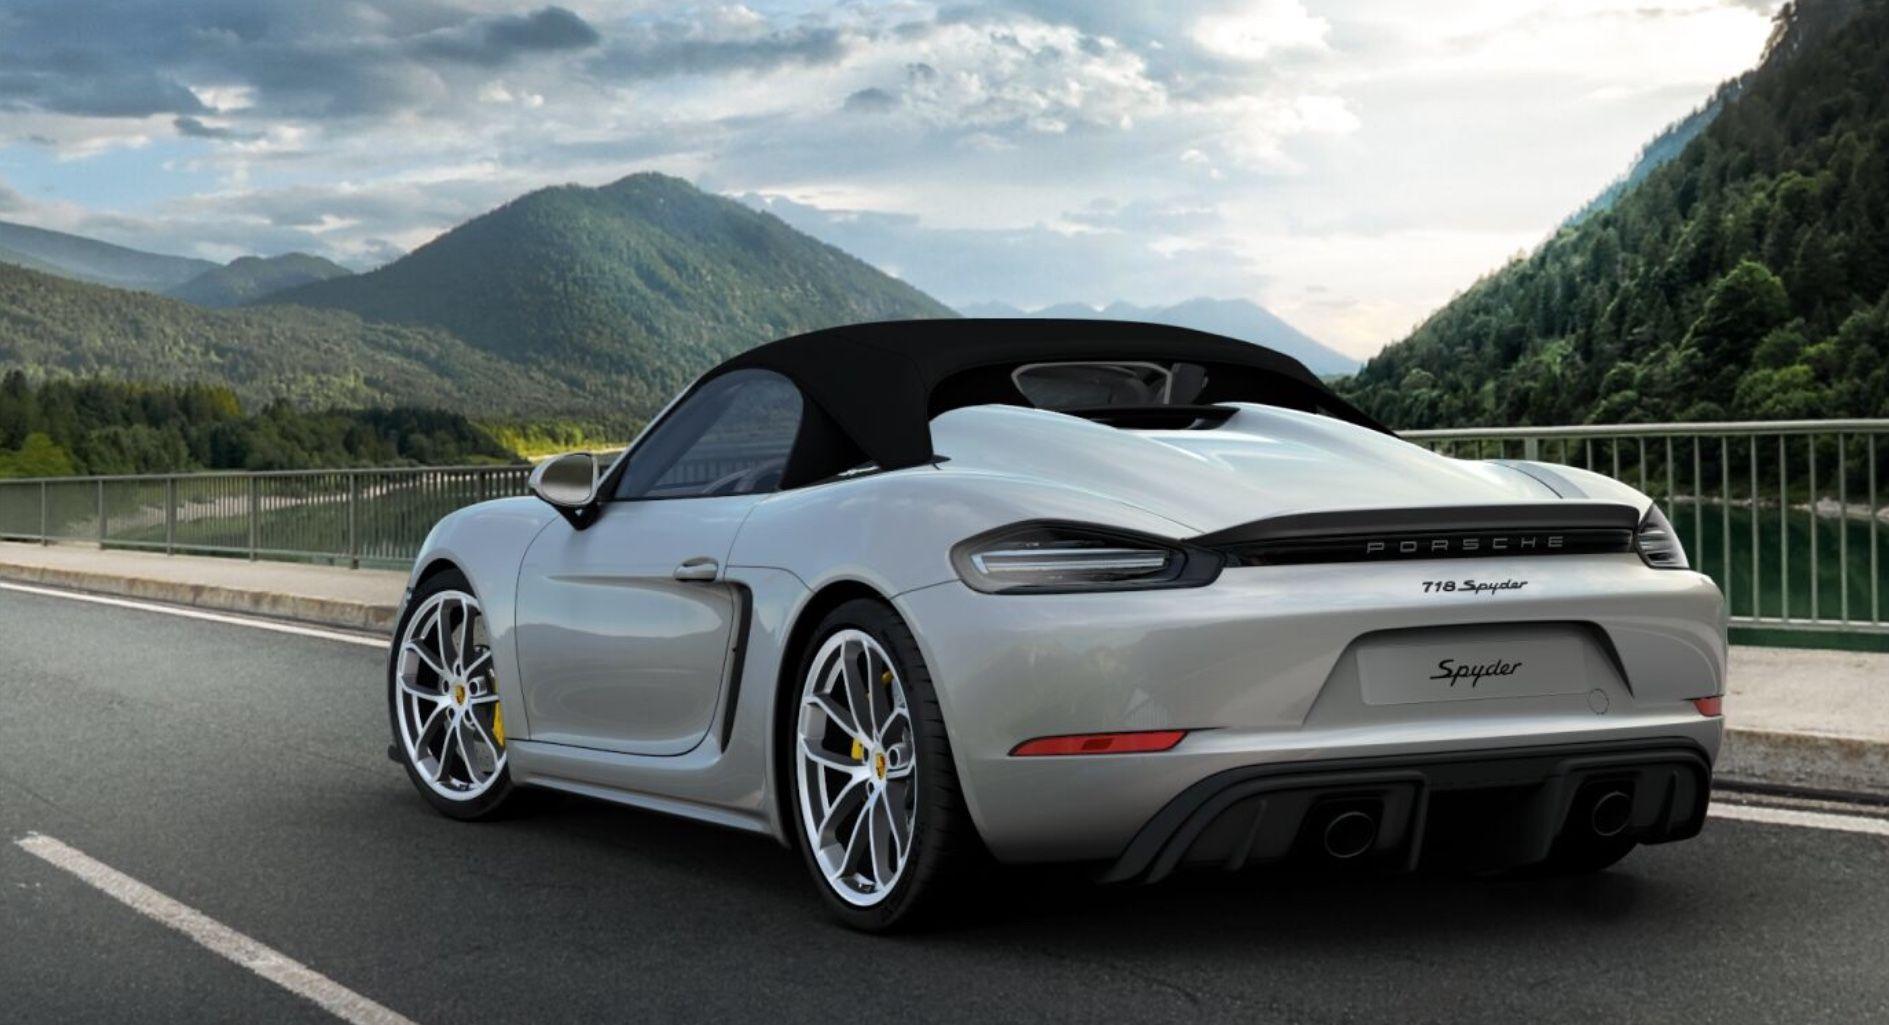 2020 Porsche 718 Boxster Spyder GT Silver   Porsche cars ...